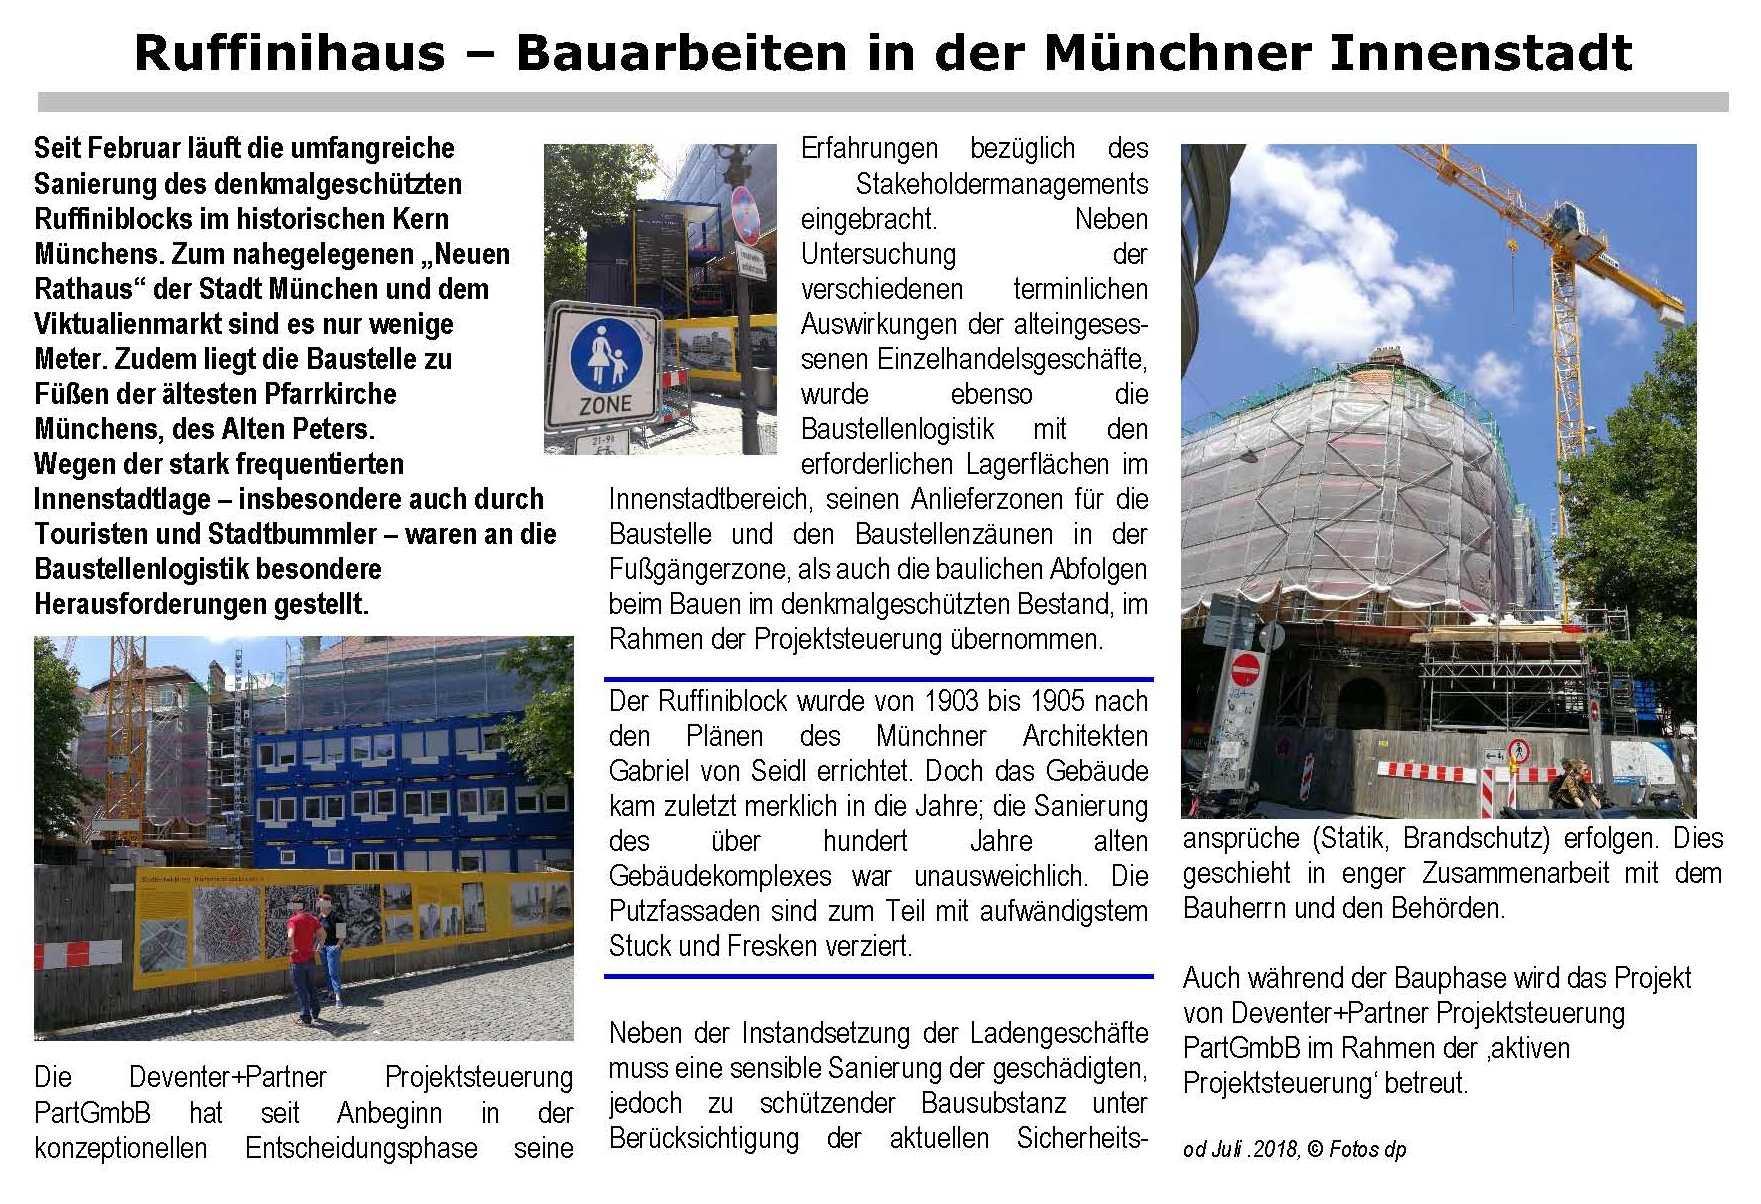 Ruffinihaus – Bauarbeiten in der Münchner Innenstadt